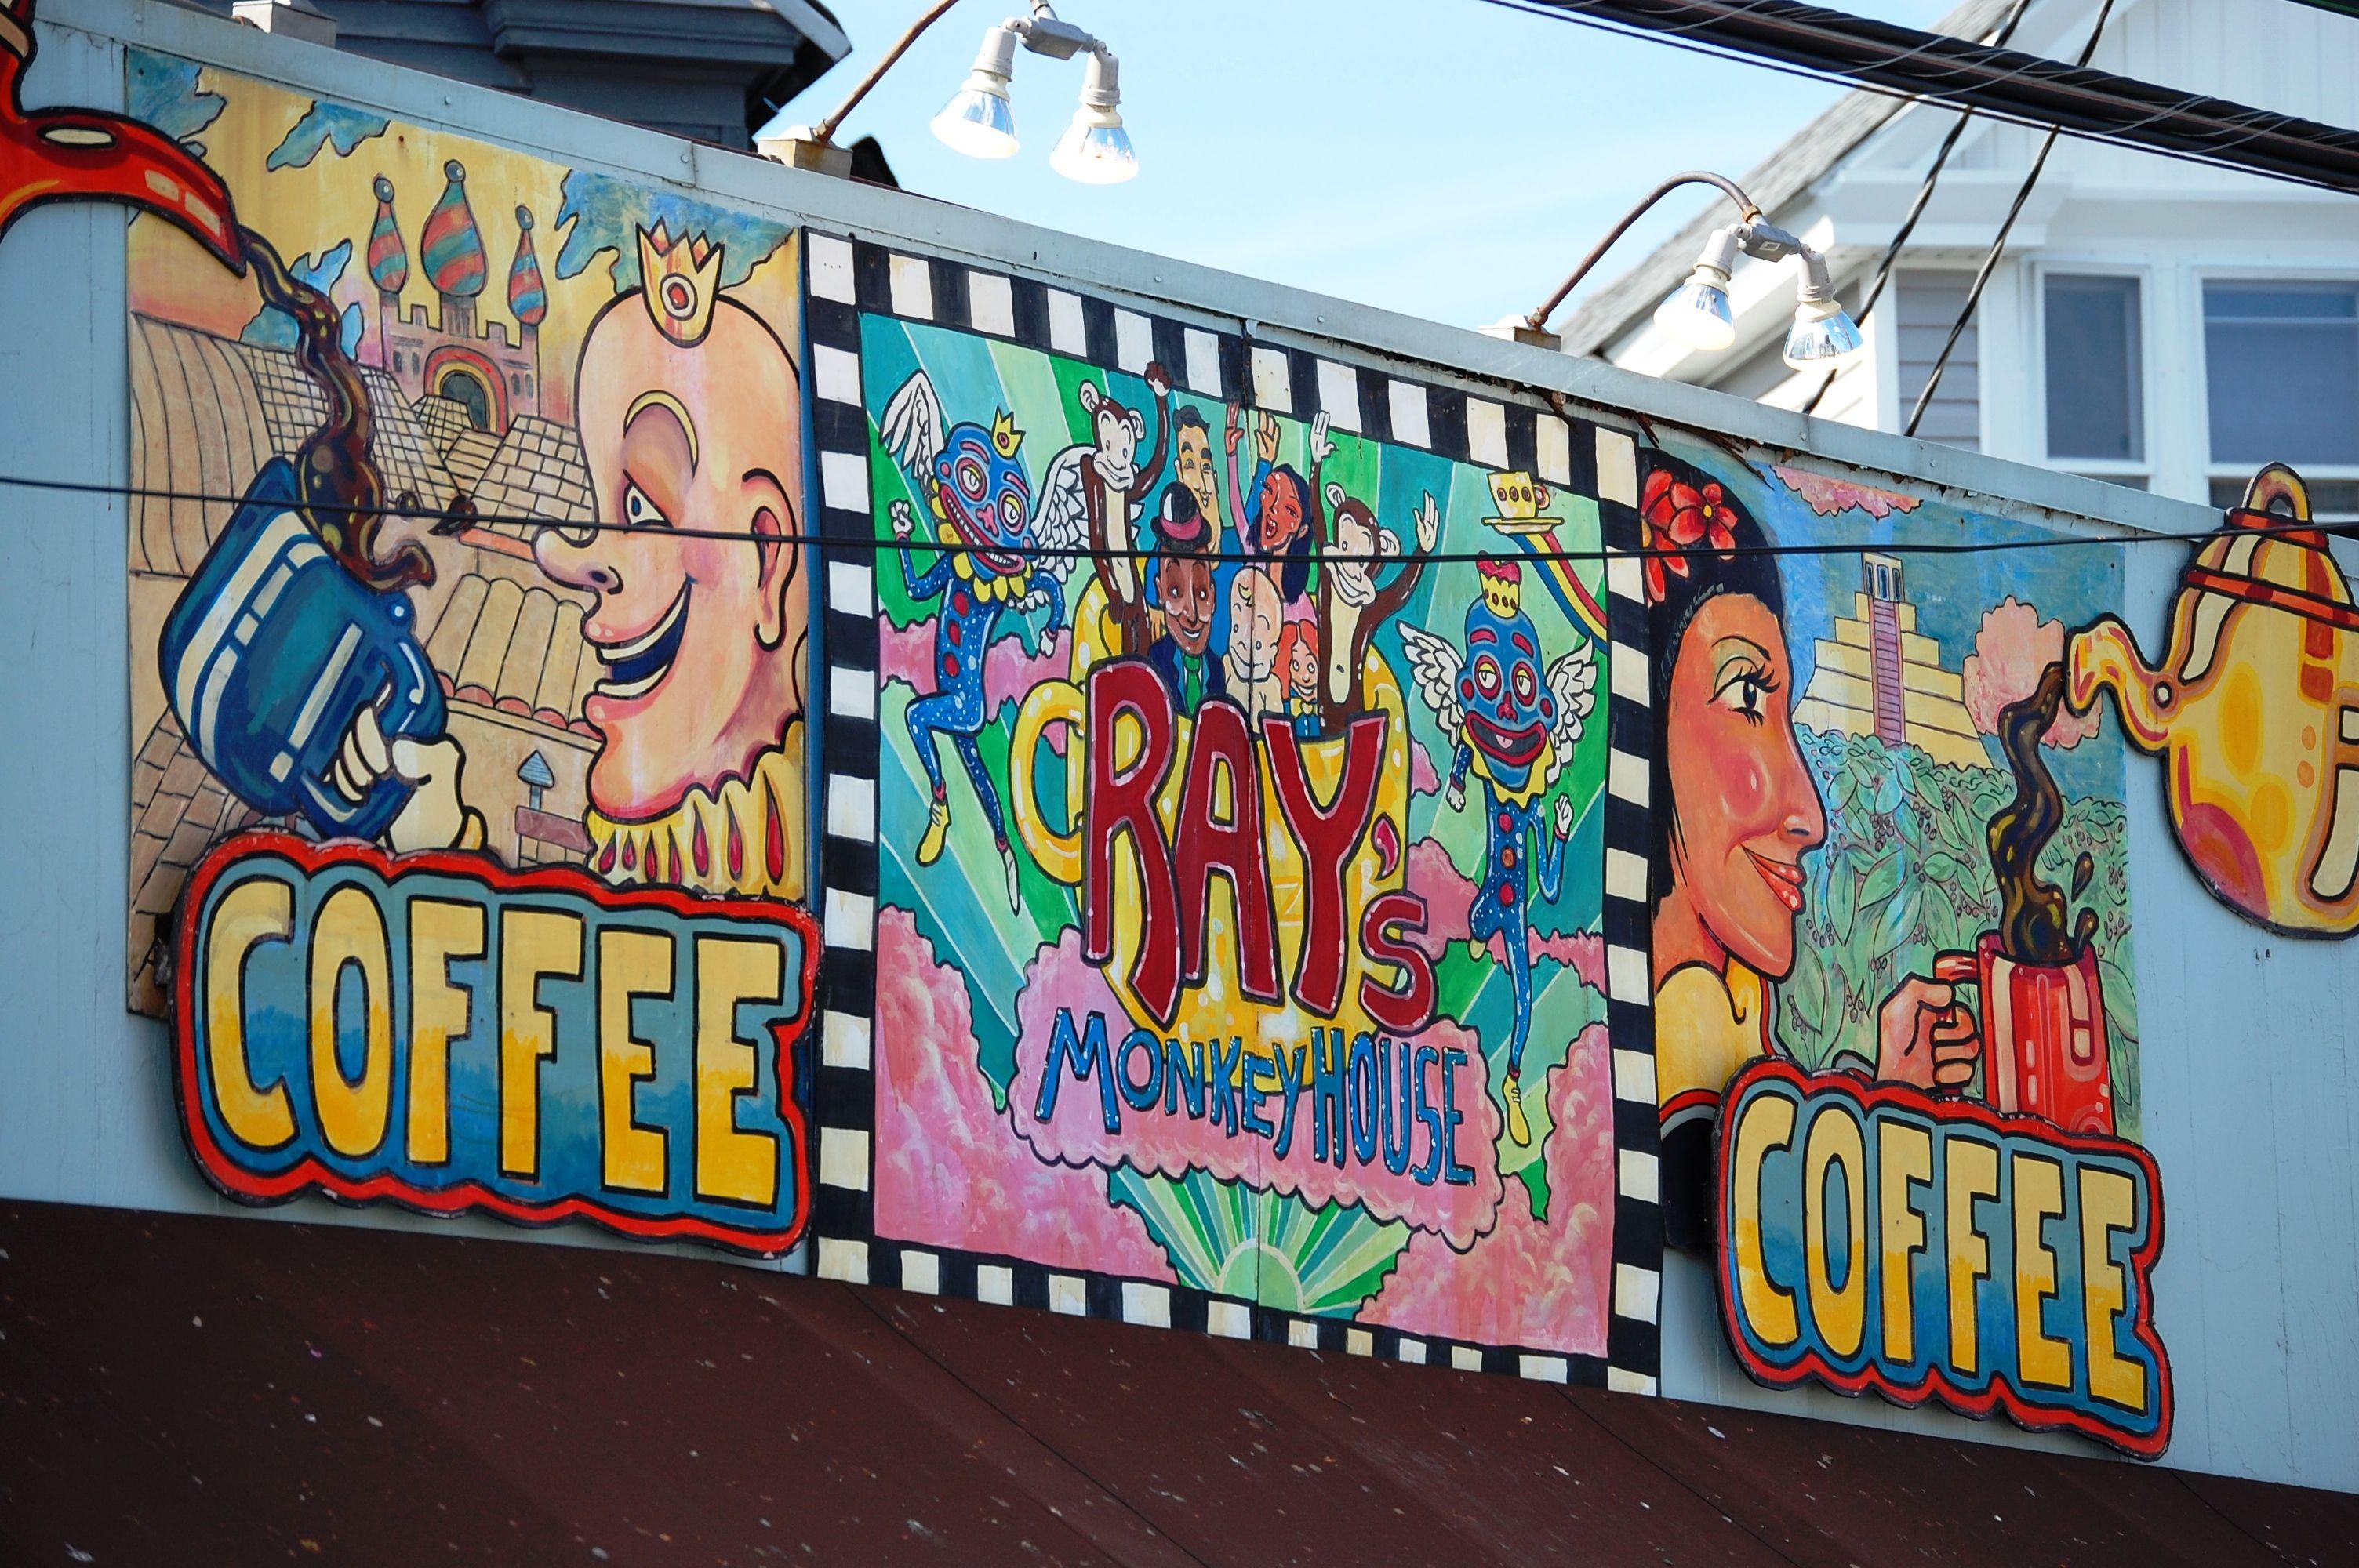 Wall Art On A Coffee Shop In Louisville Kentucky Mural Wall